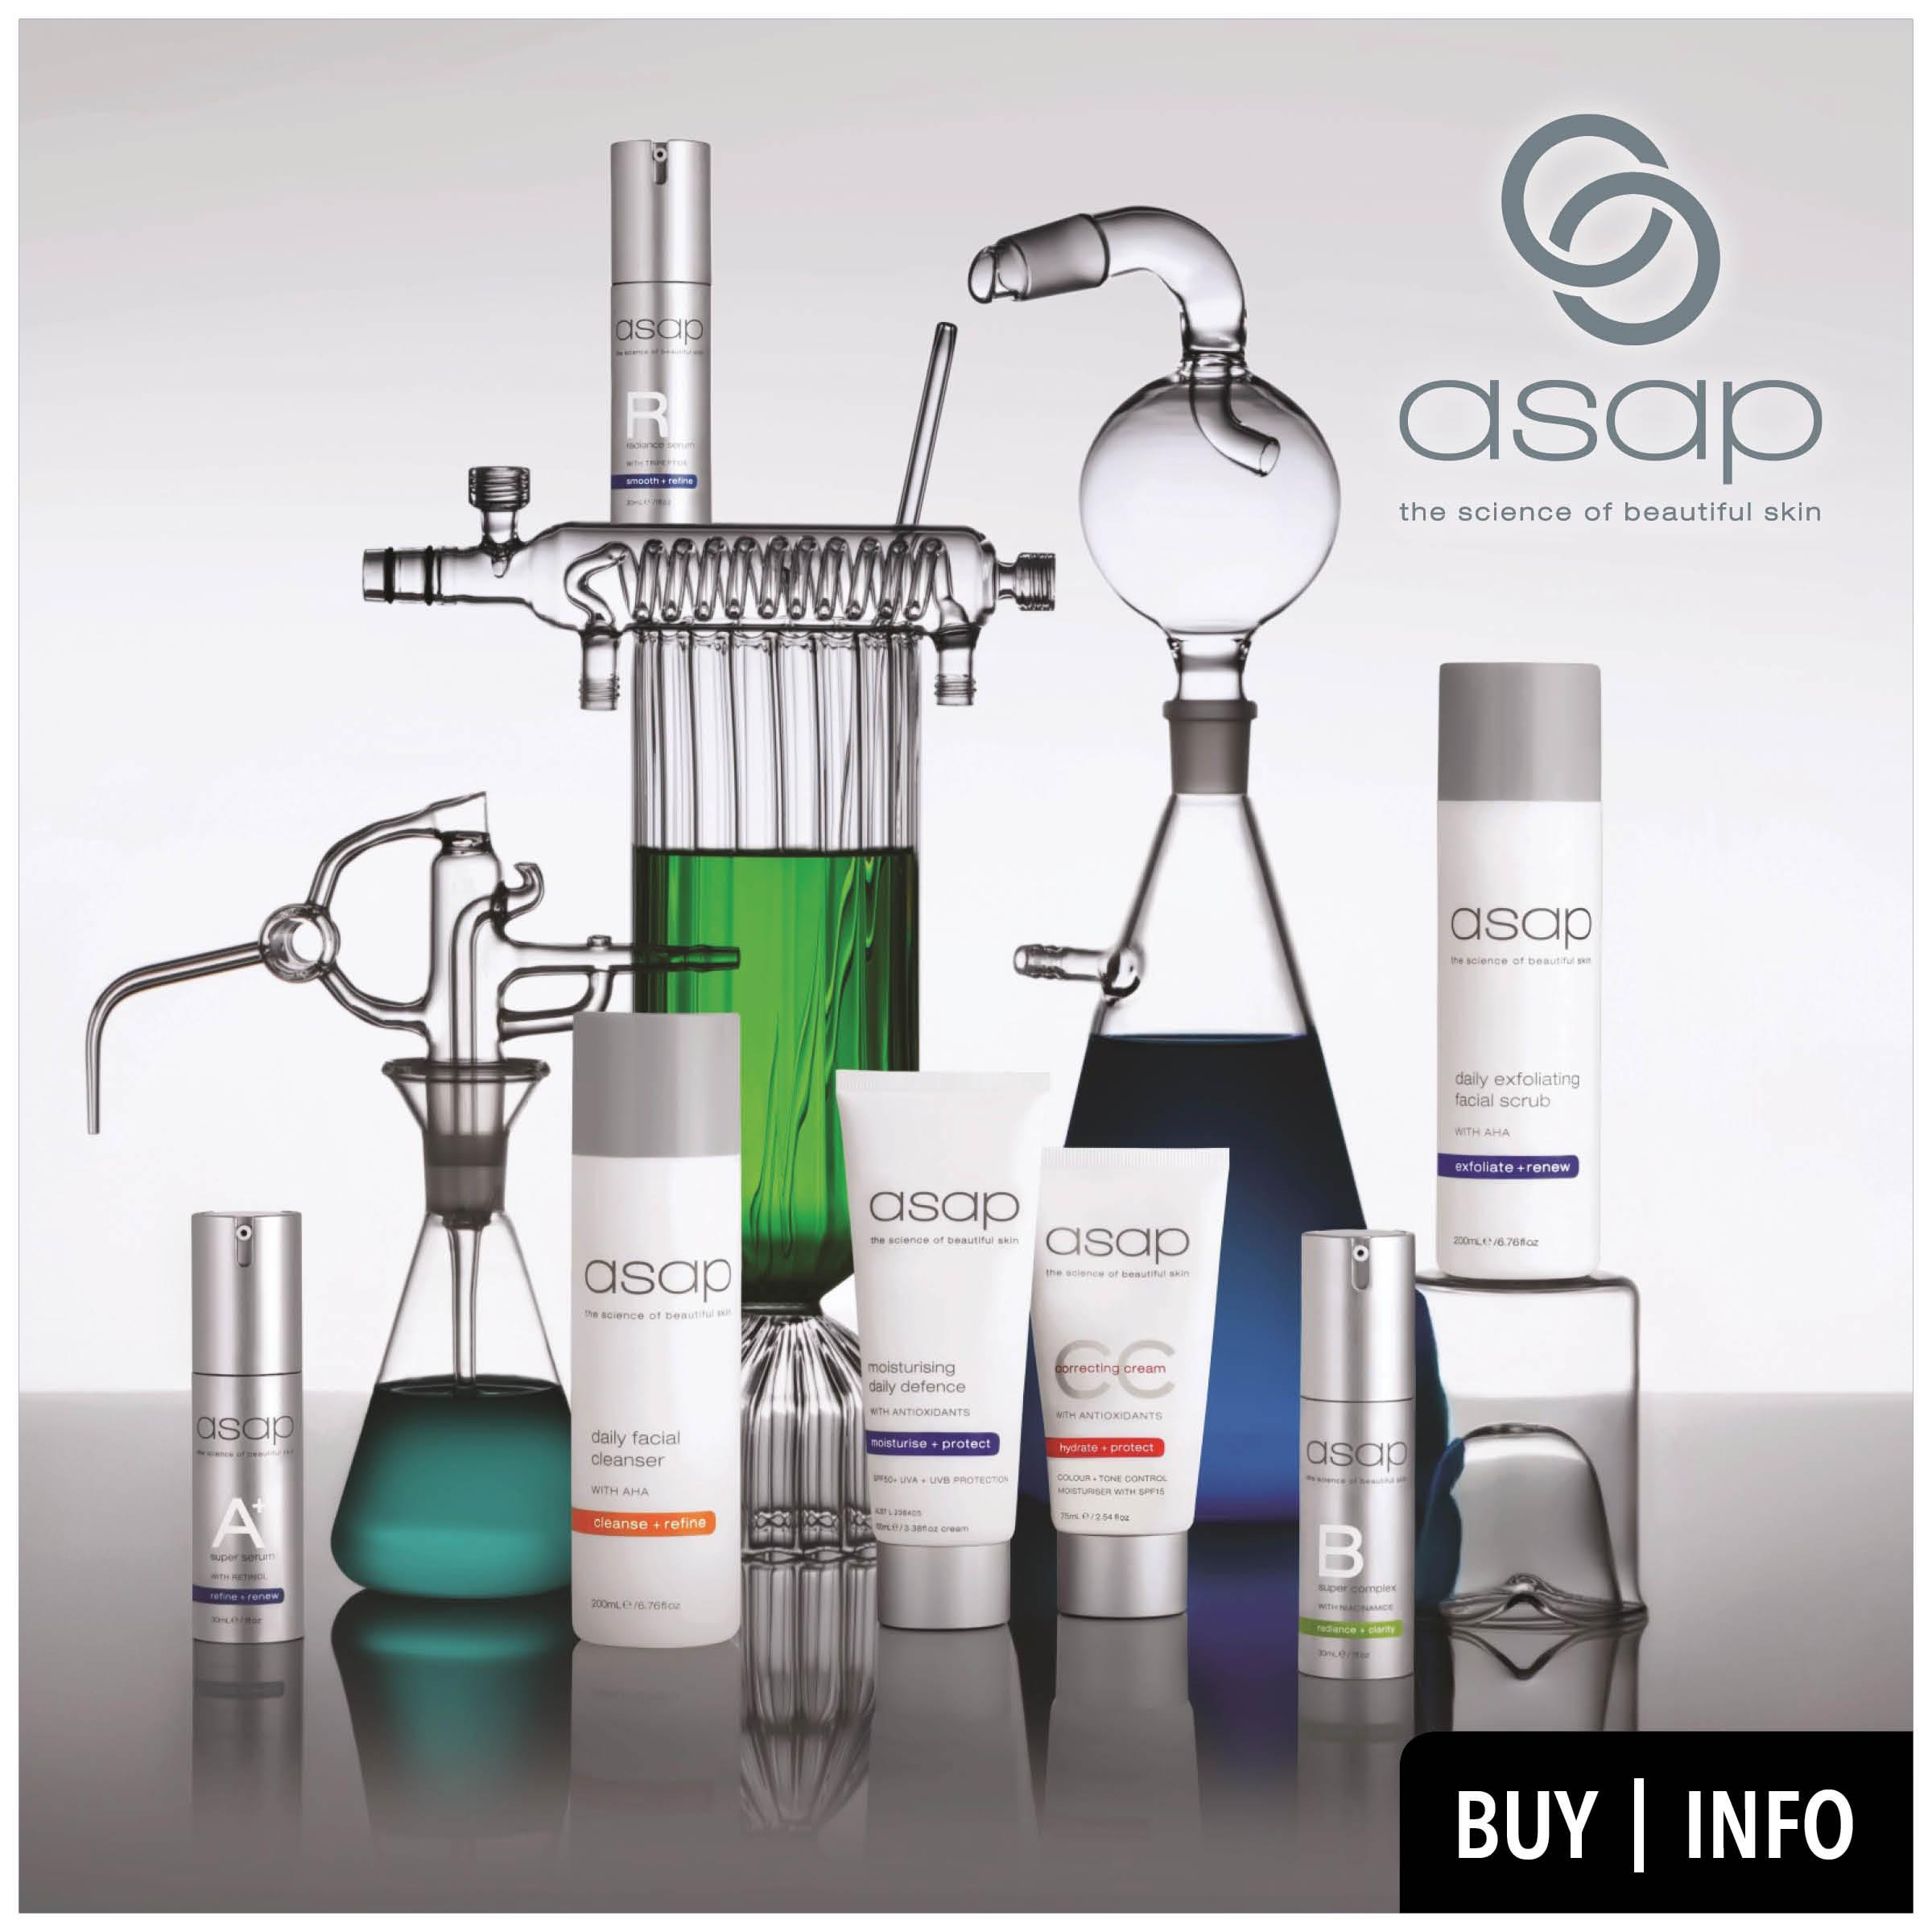 asap skincare from prodermal